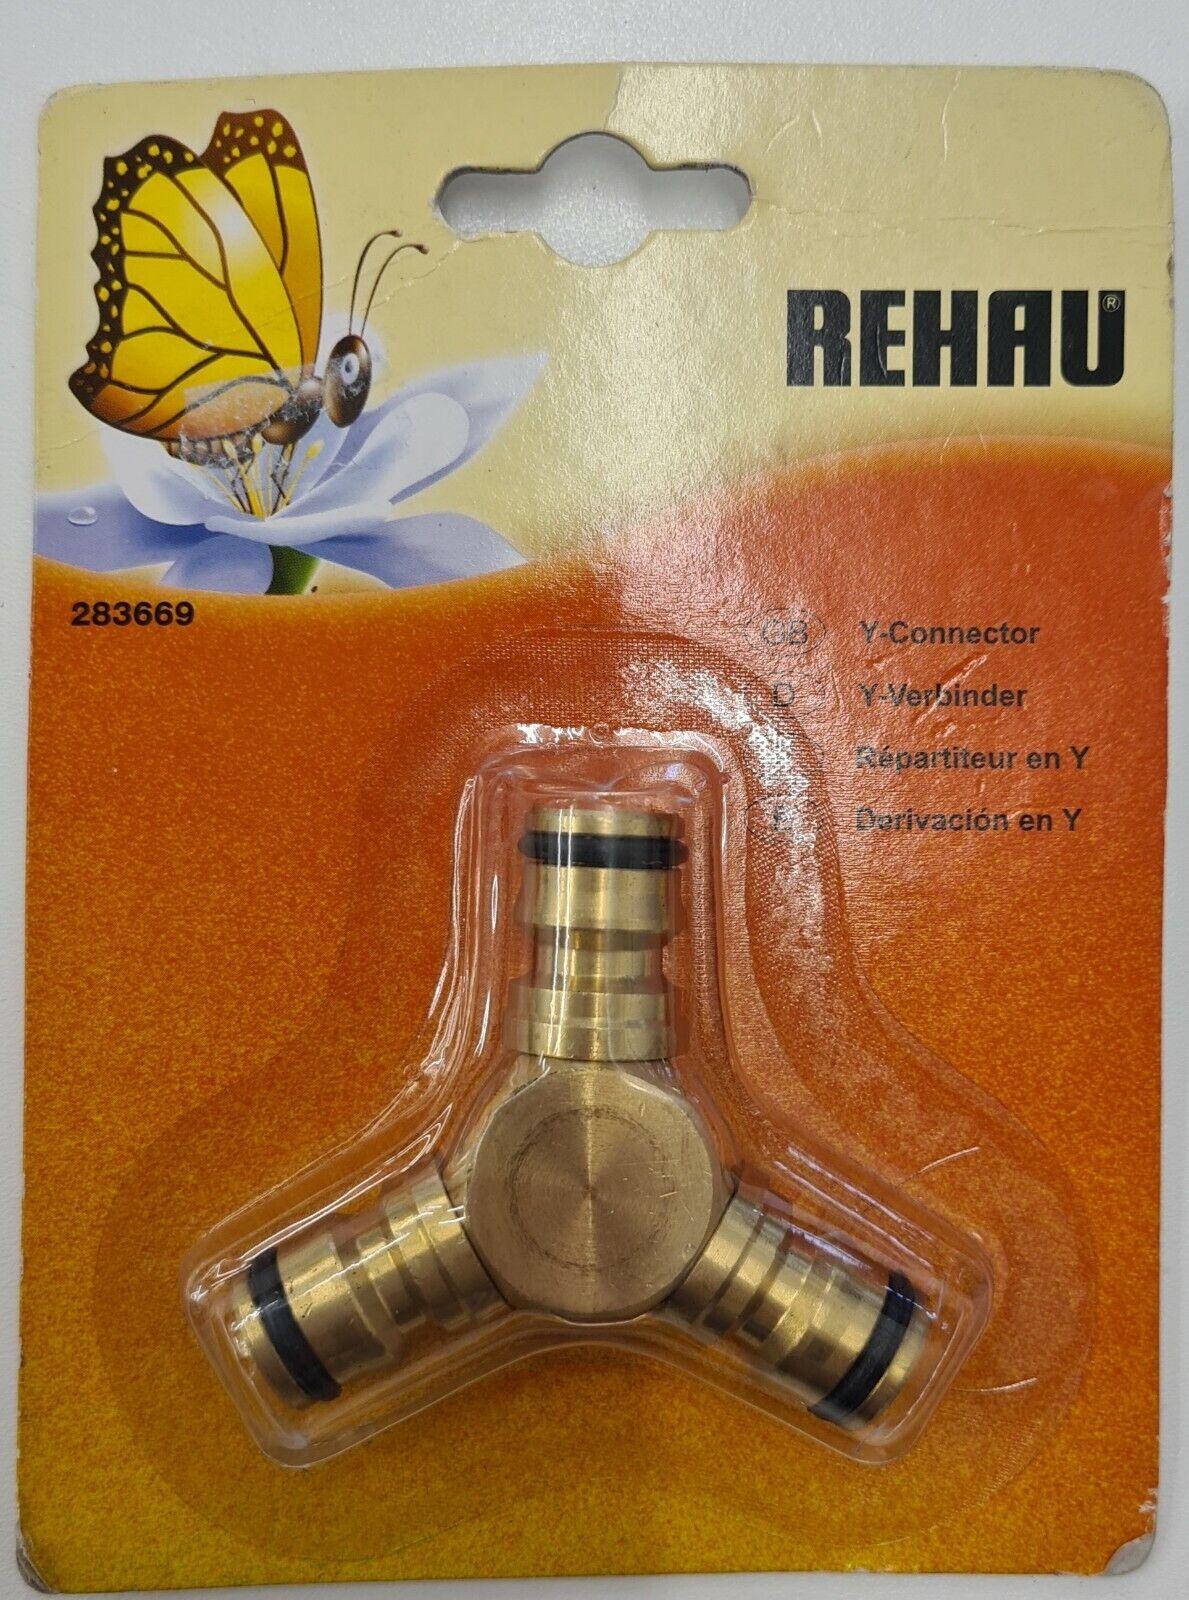 REHAU 283669 1/2-inch Brass Y-Connector